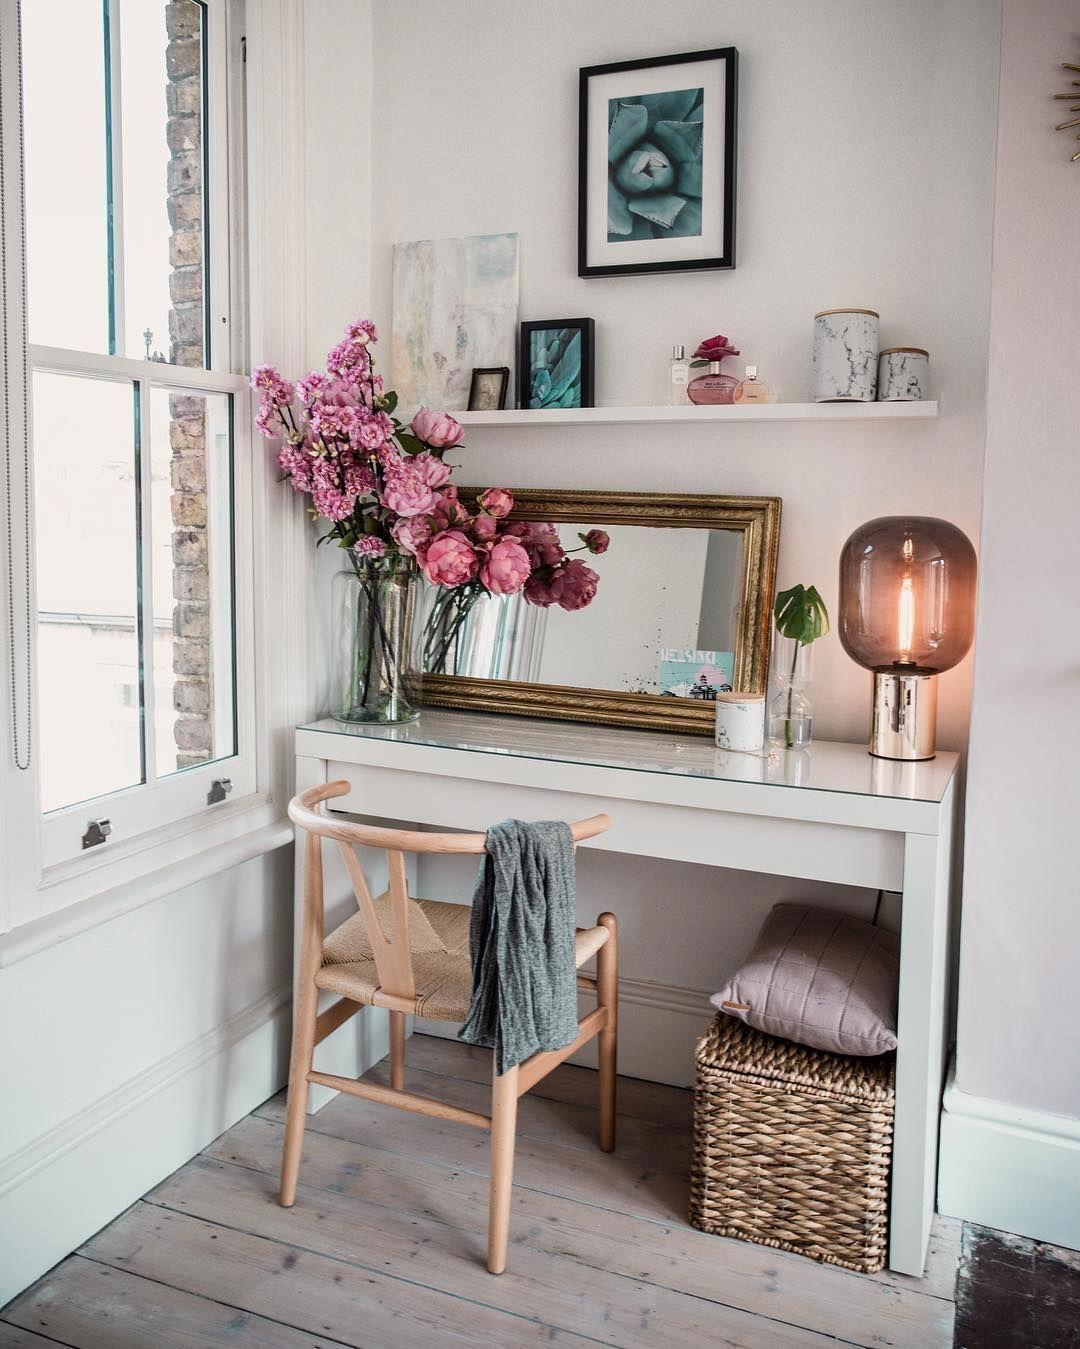 Epingle Par Maurine Aubert Sur Inspiration I En 2020 Deco Maison